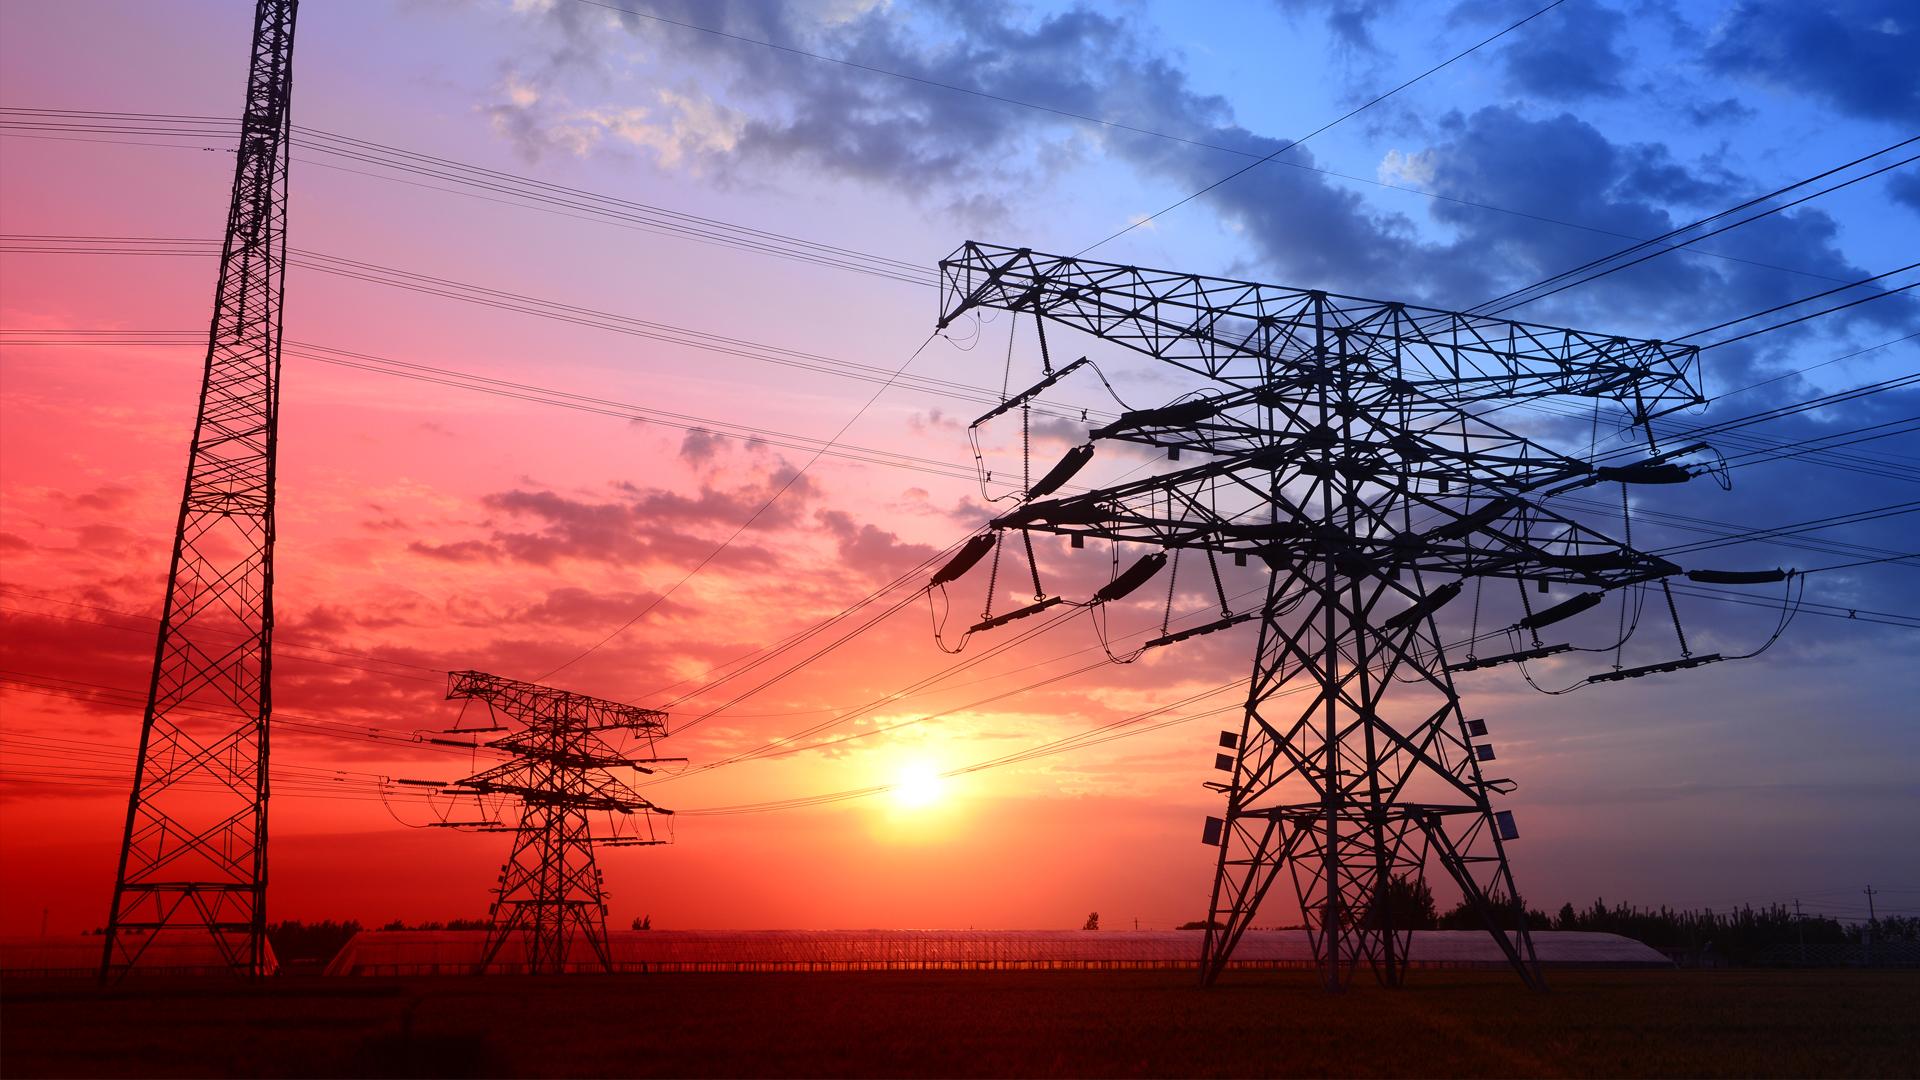 Situación, novedades, y oportunidades del sector eléctrico en Brasil